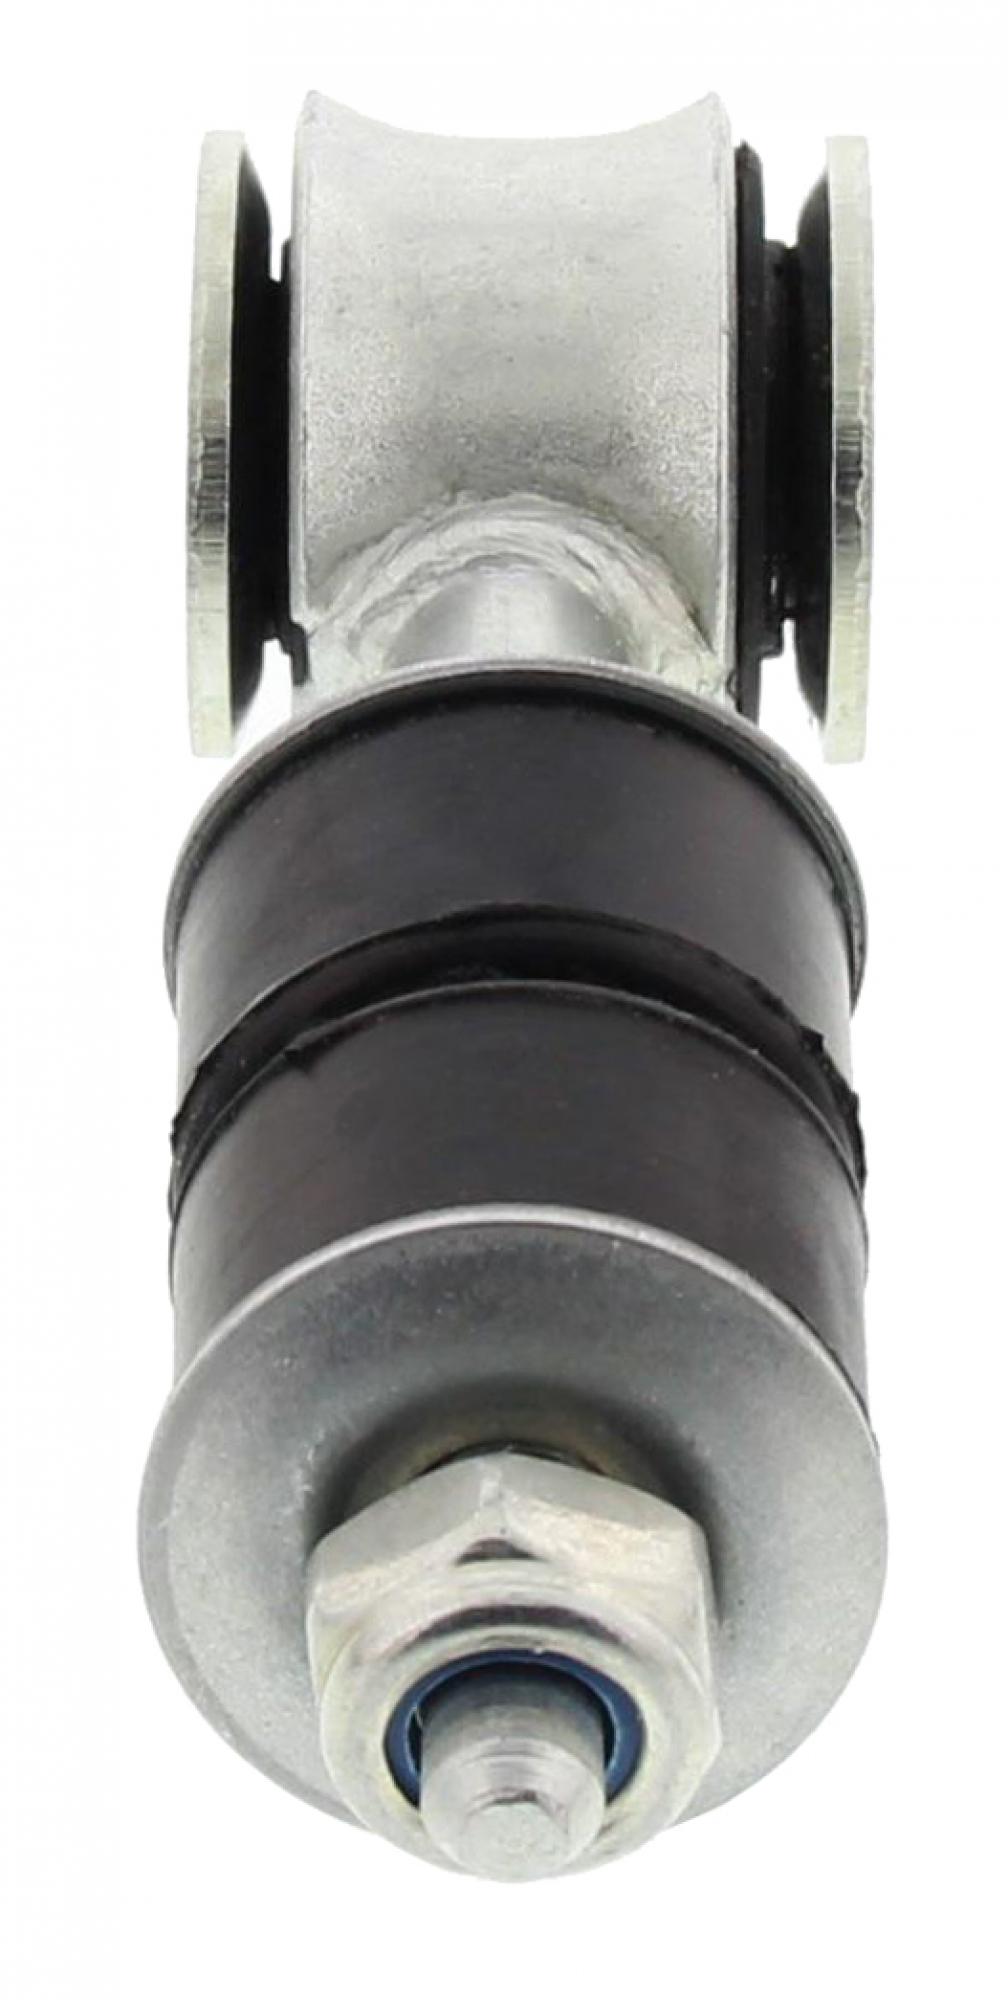 MAPCO 33009 Asta/Puntone, Stabilizzatore